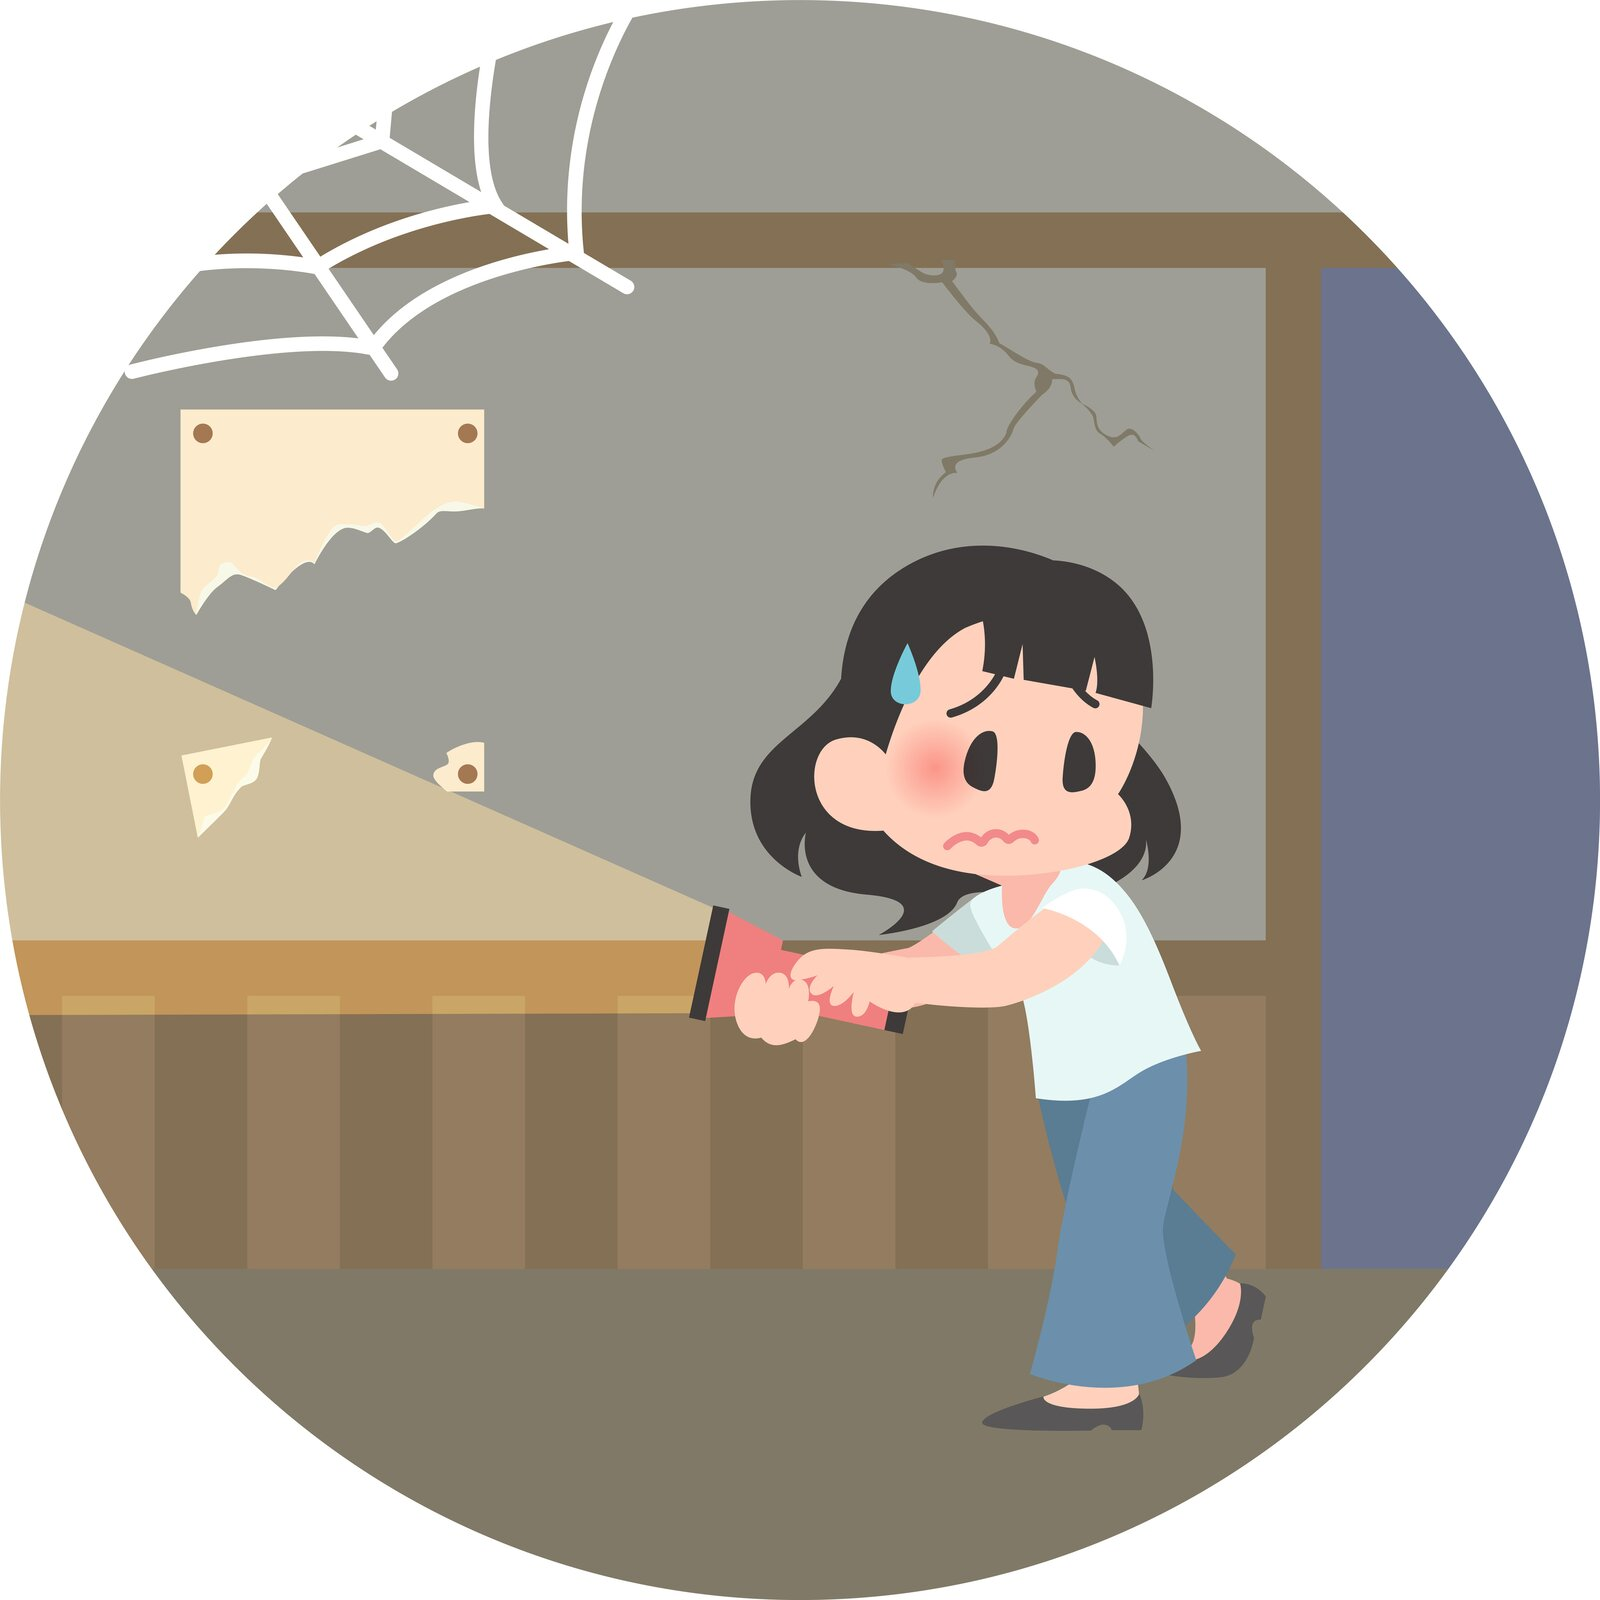 Ilustracja wektorowa przedstawiająca młodą azjatkę, która znajduje się wopuszczonym pomieszczeniu. Na jej twarzy widać niepewność istrach.